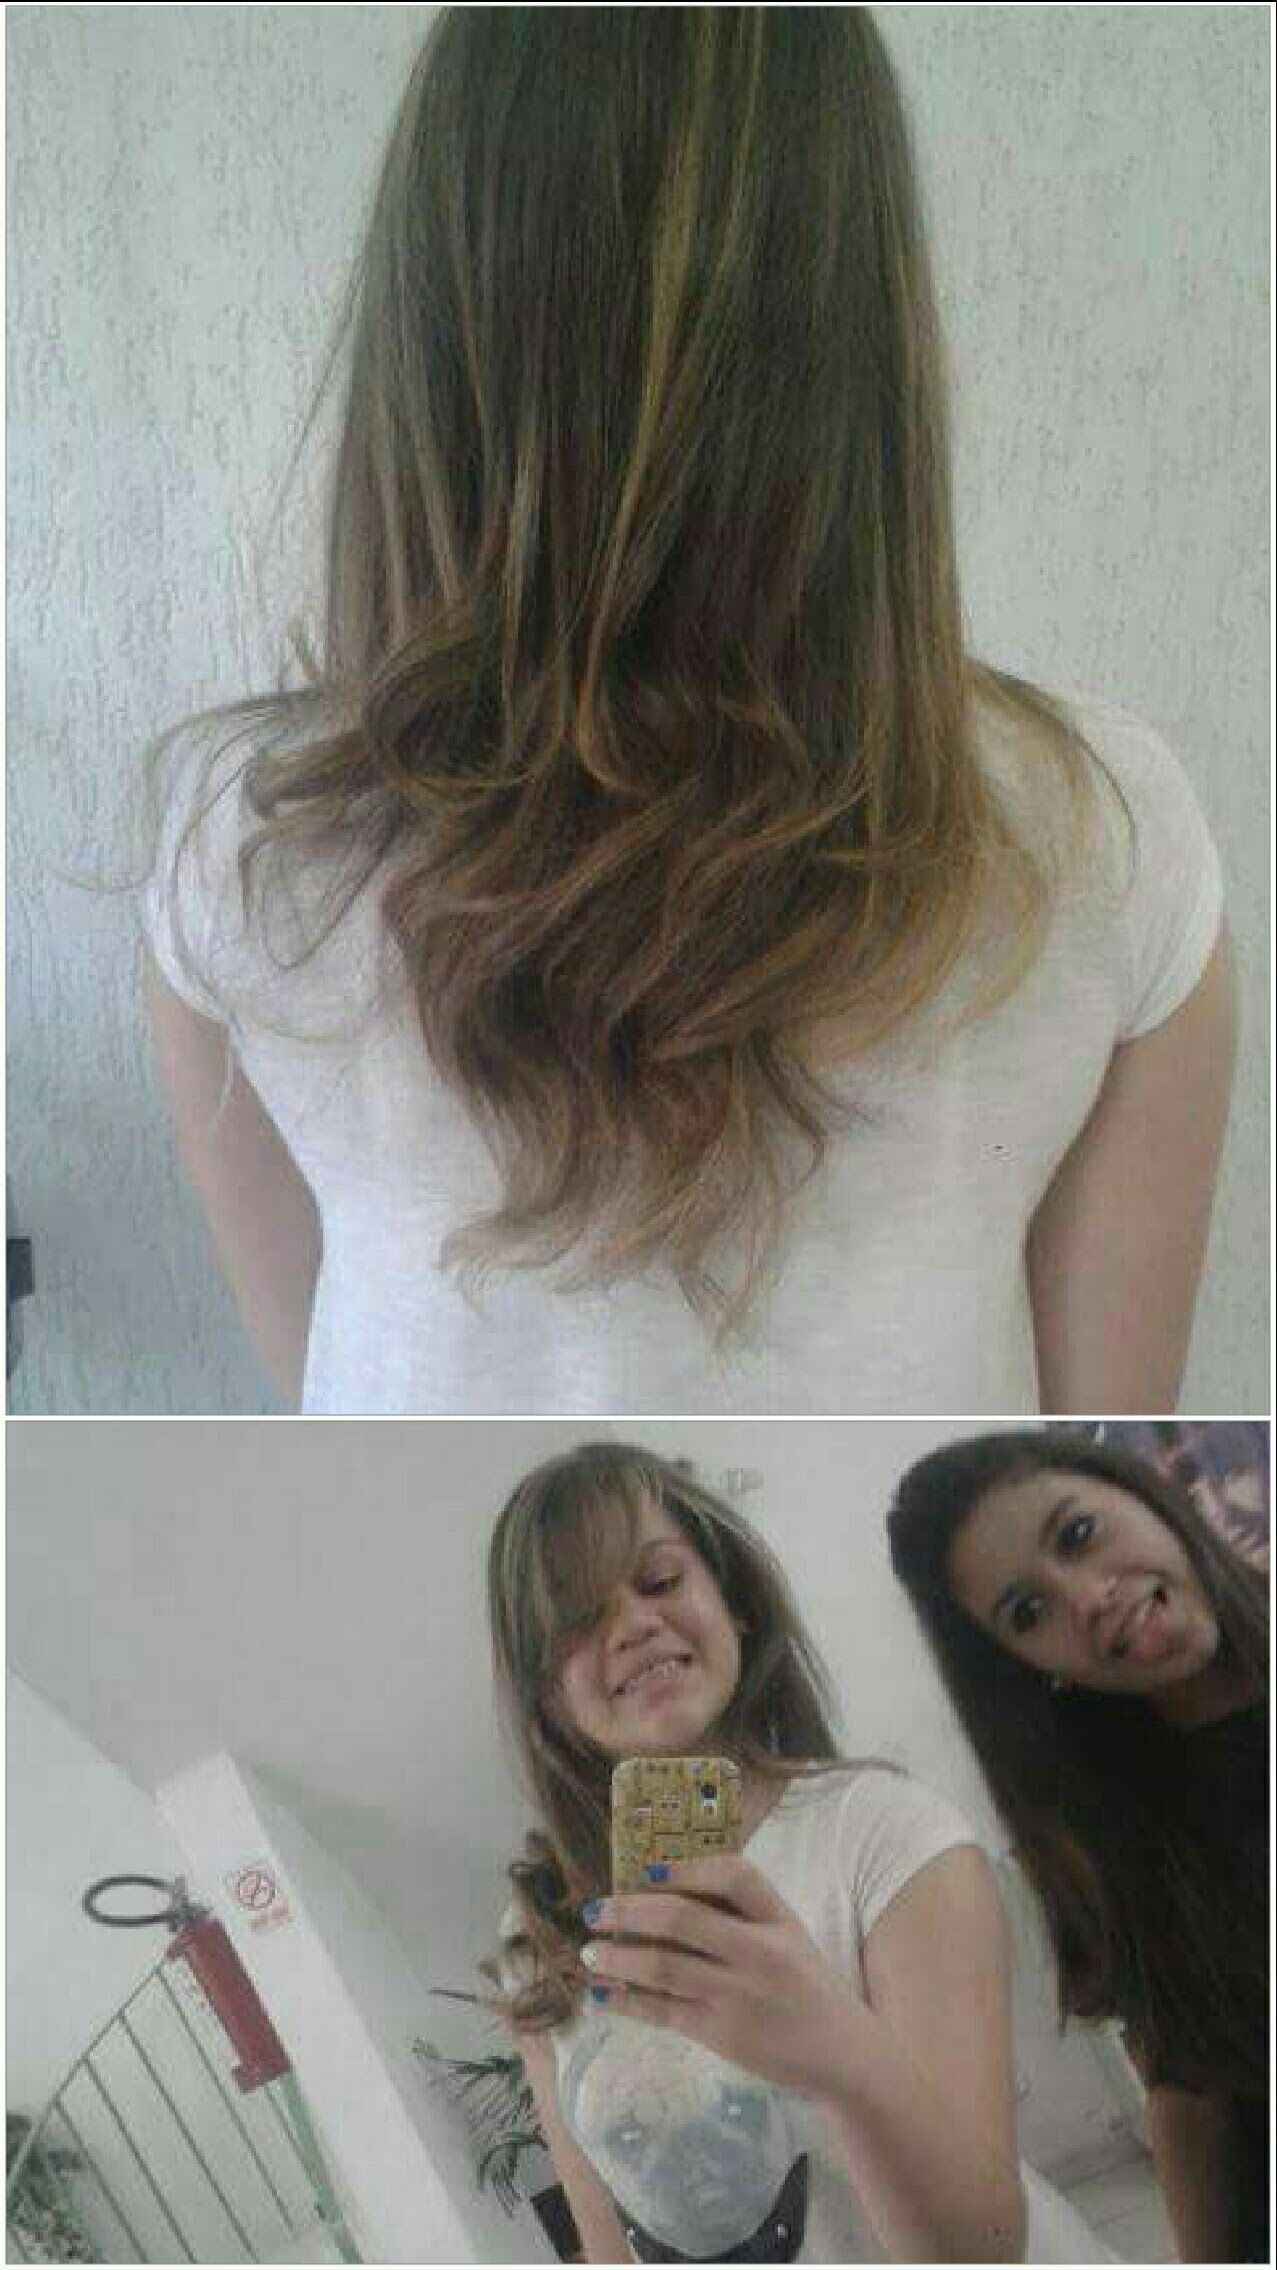 Mechinhas e uma escovinha mais modelada cabelo cabeleireiro(a) stylist / visagista auxiliar administrativo